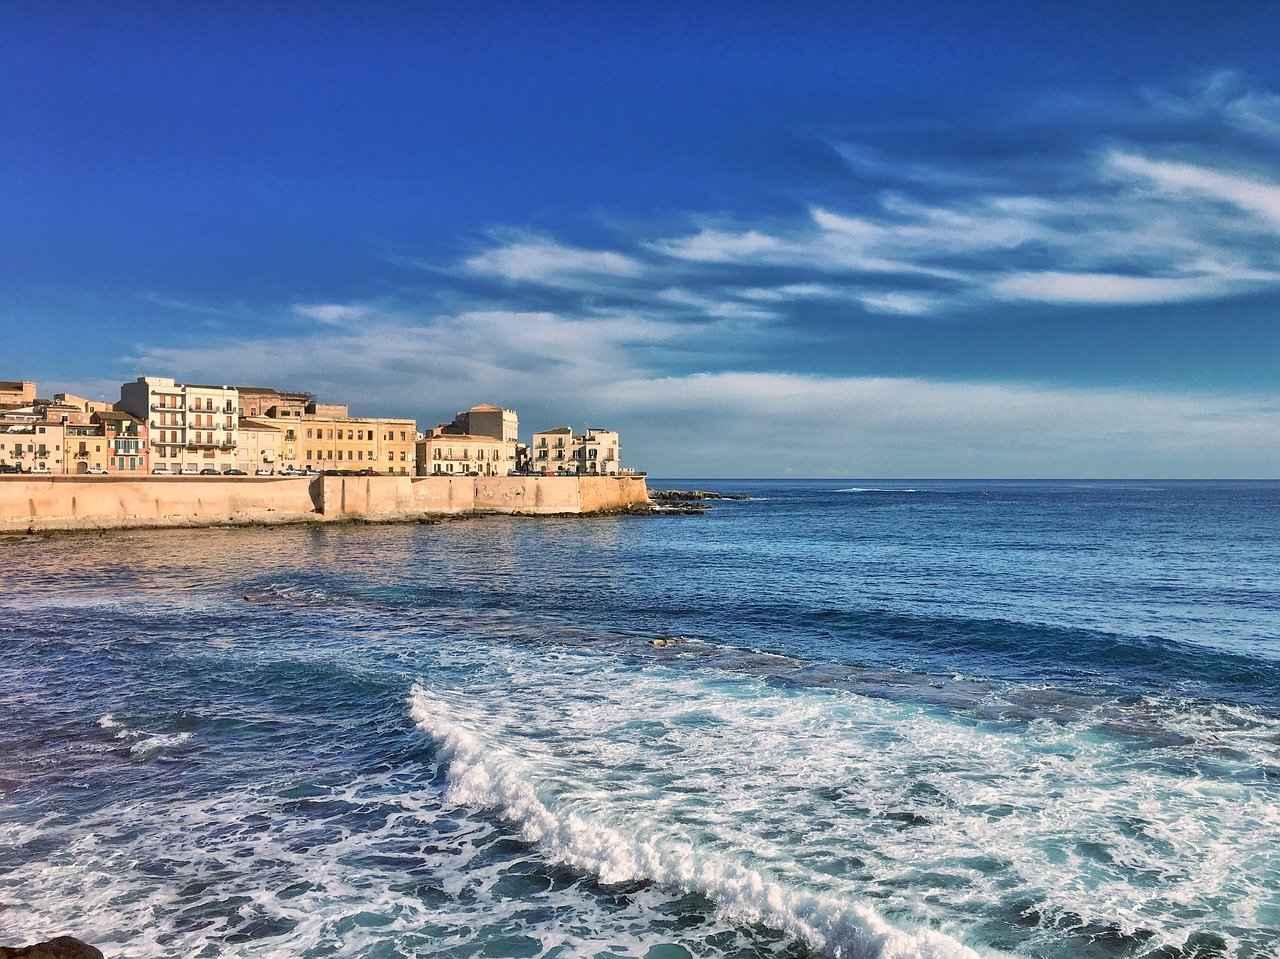 Ortigia - Sicily, Italy - Hidden gems in Europe